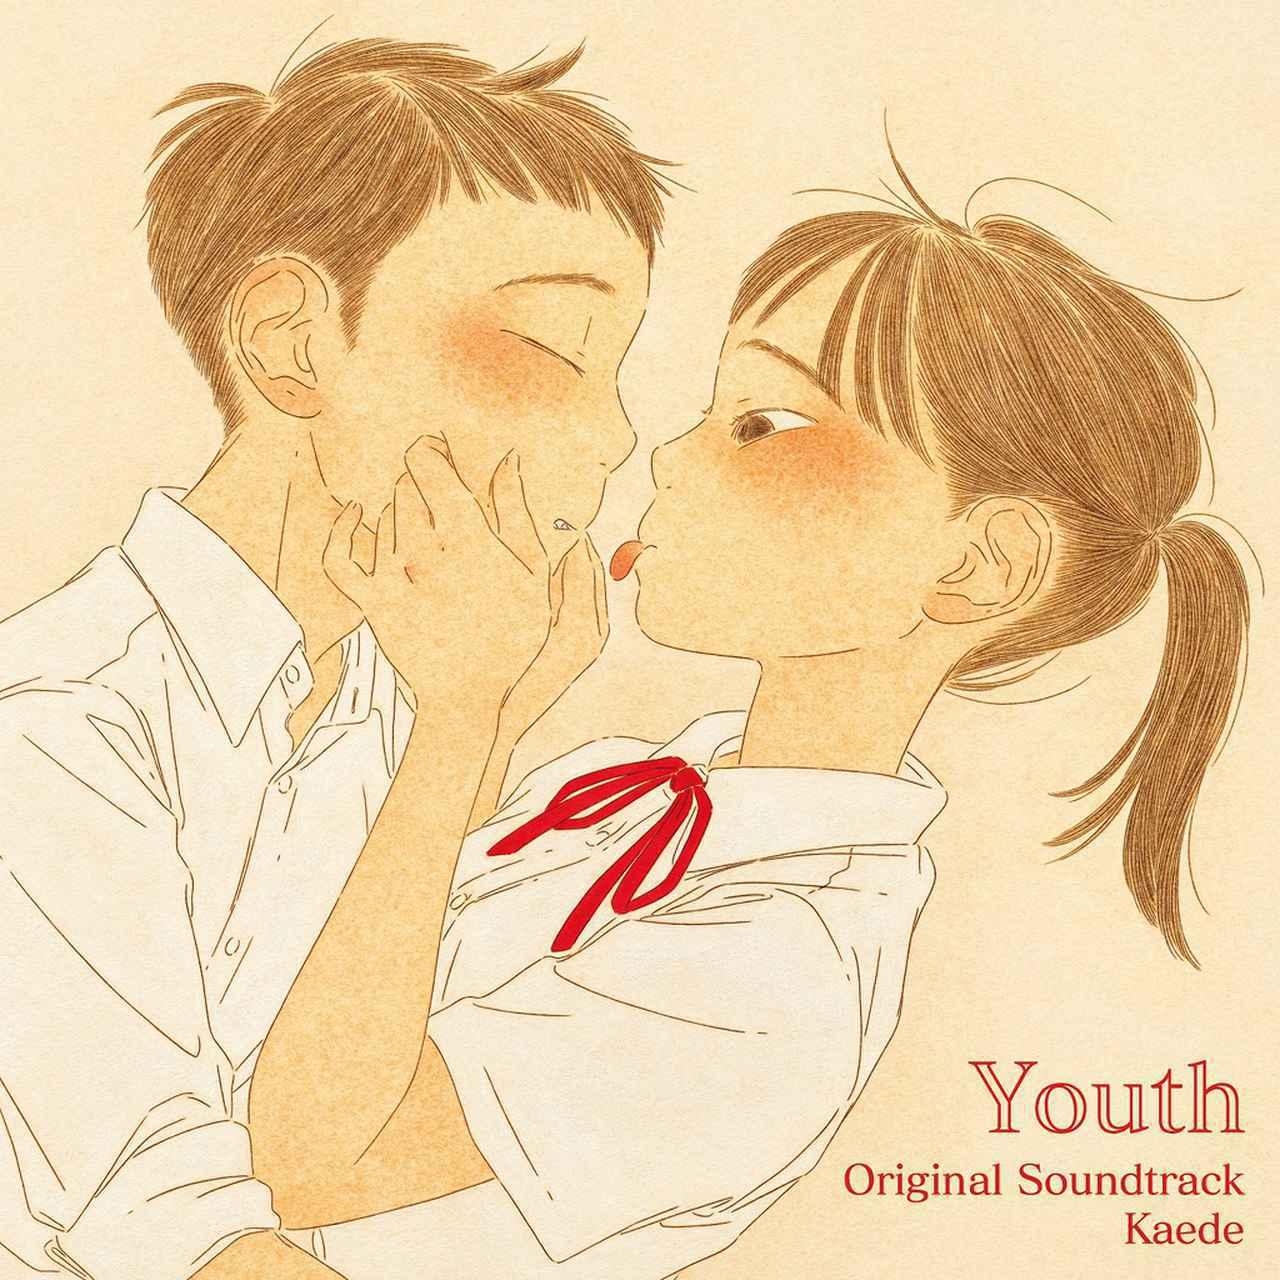 画像: Youth - Original Soundtrack / Kaede , 佐藤優介